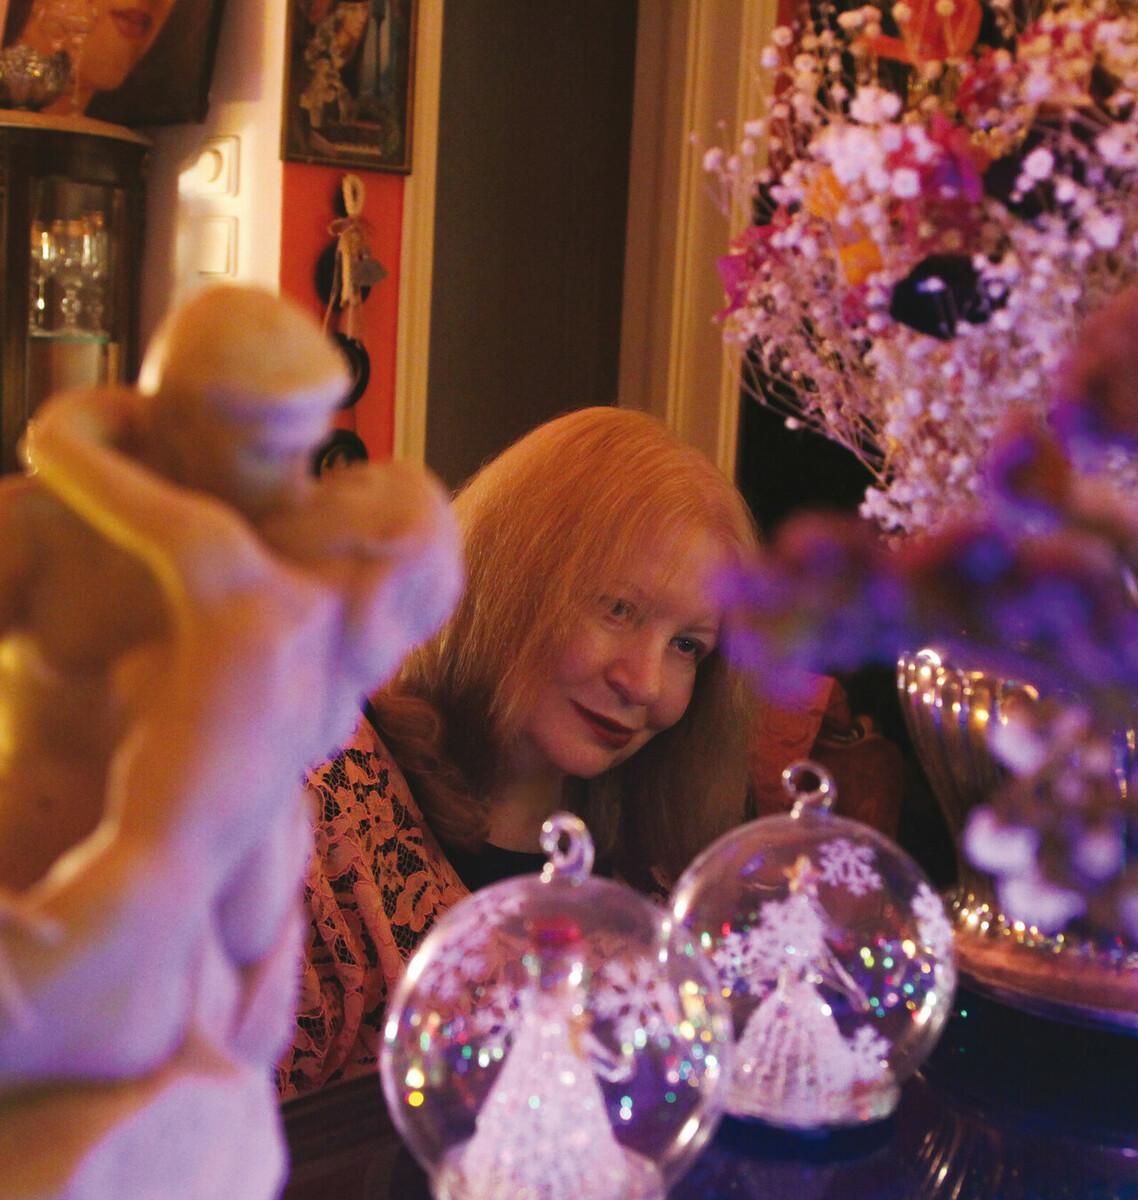 Λένα Πλάτωνος: ''Από το Σαμποτάζ ως την Ντίκινσον, αυτή είναι η ζωή μου''